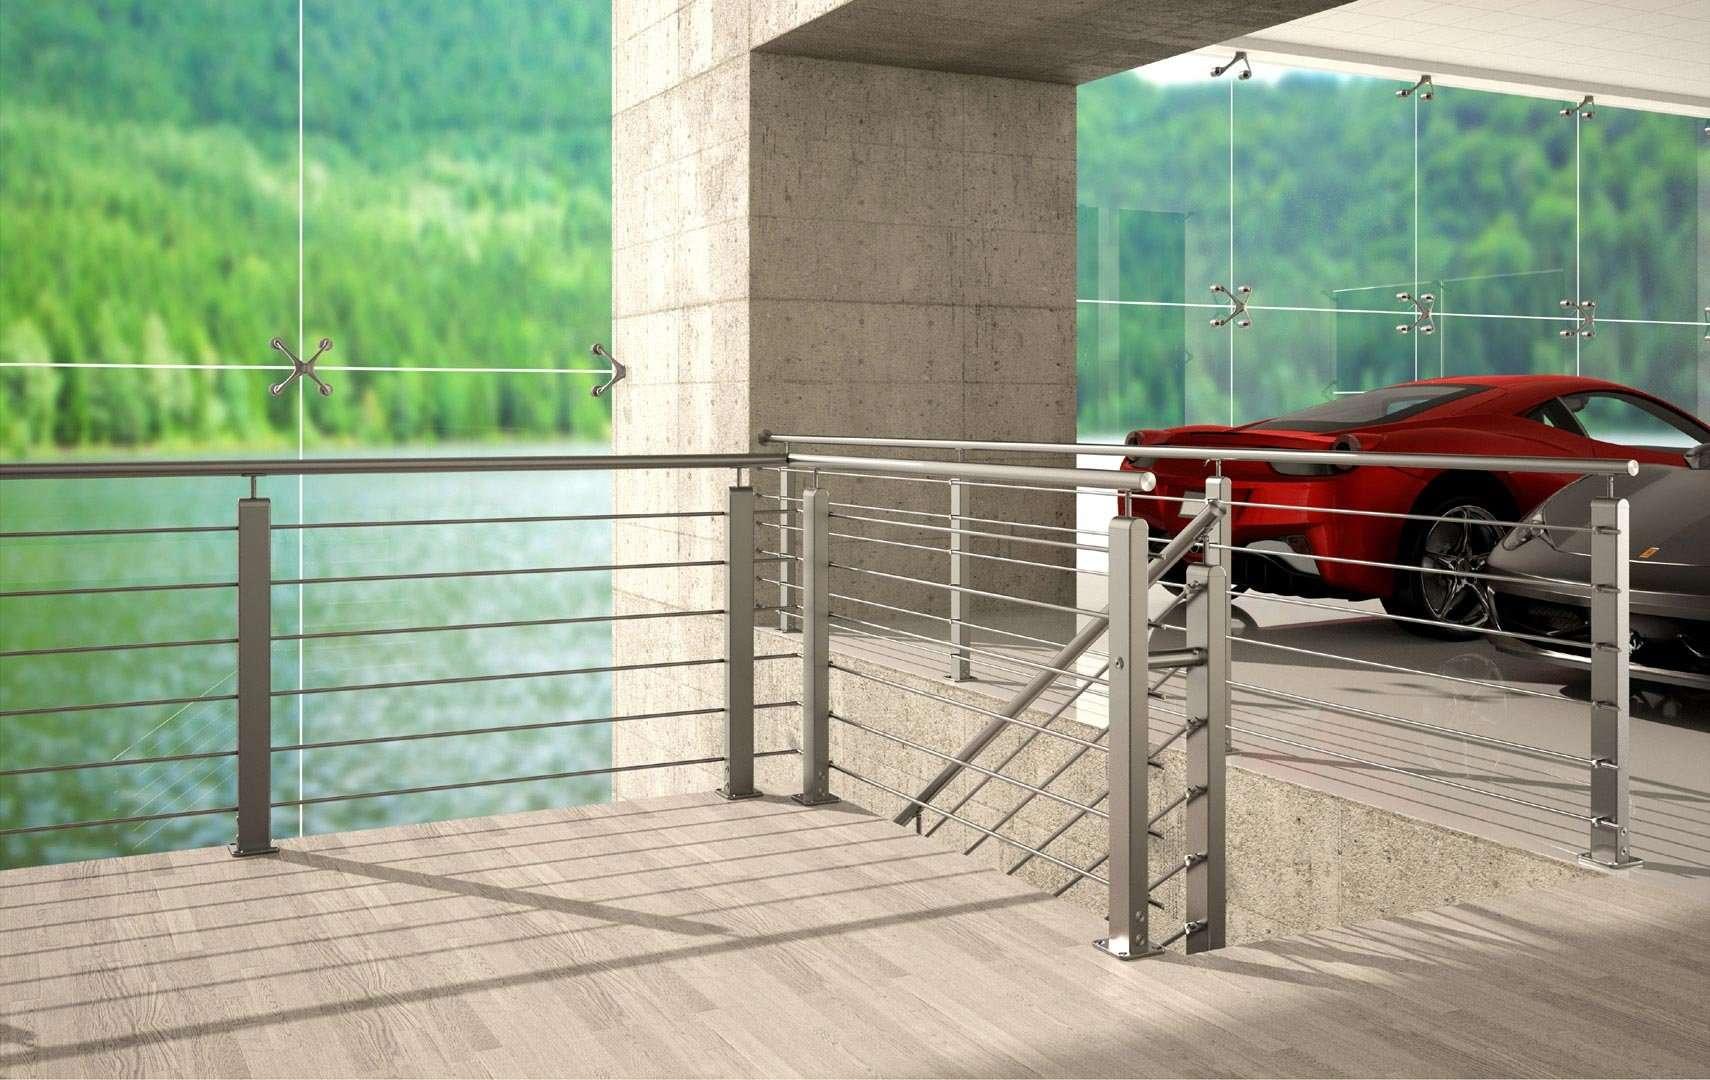 Mobili lavelli ringhiere per scale interne di design - Ringhiere in vetro per scale interne prezzi ...